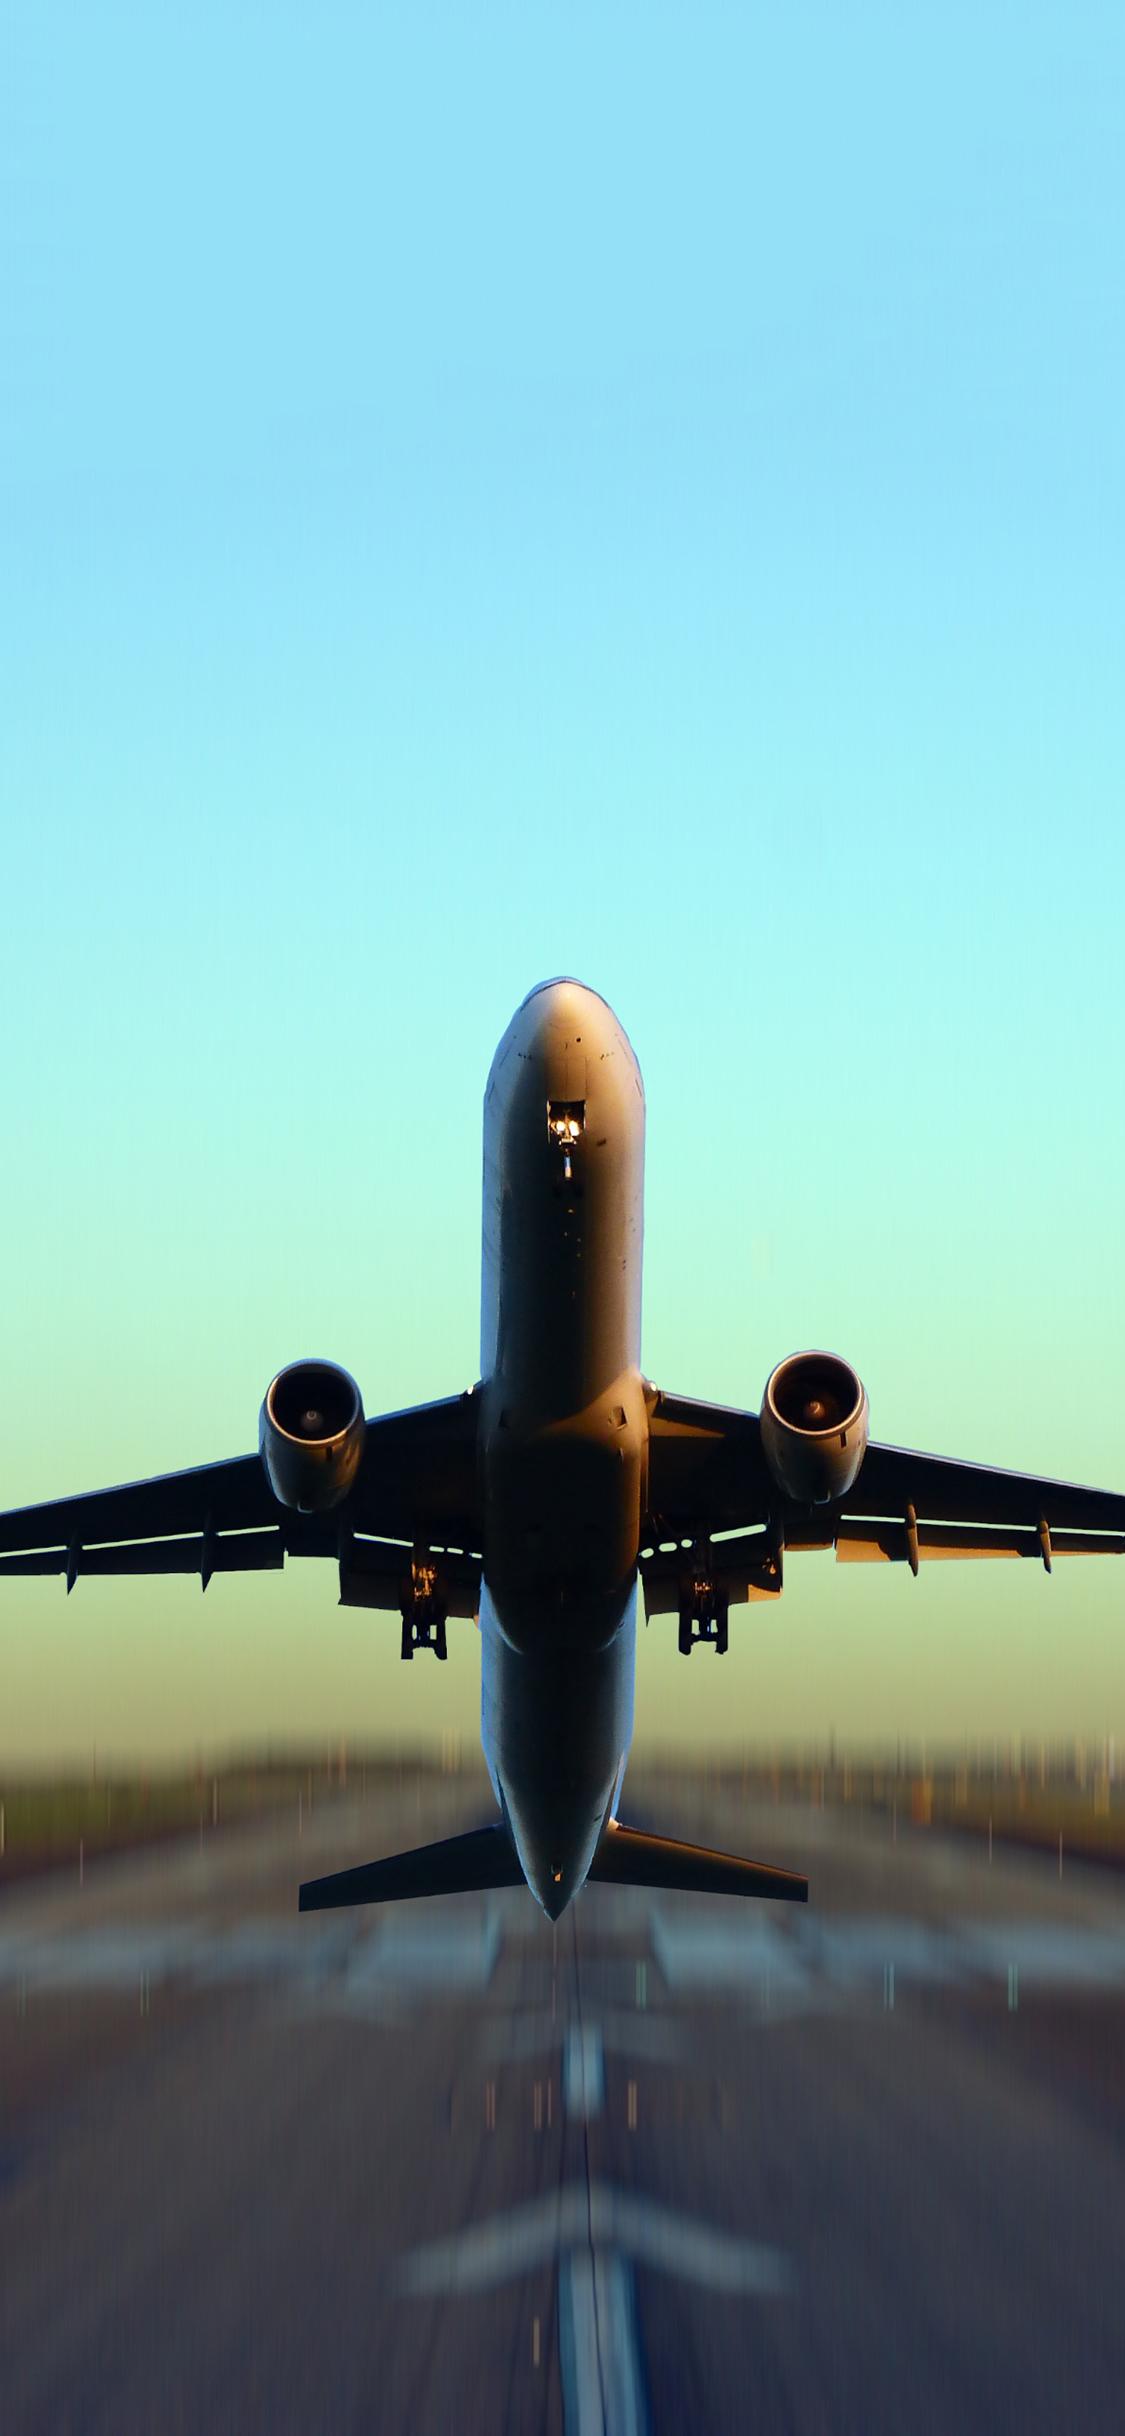 飞机 飞行 航空 起飞图片